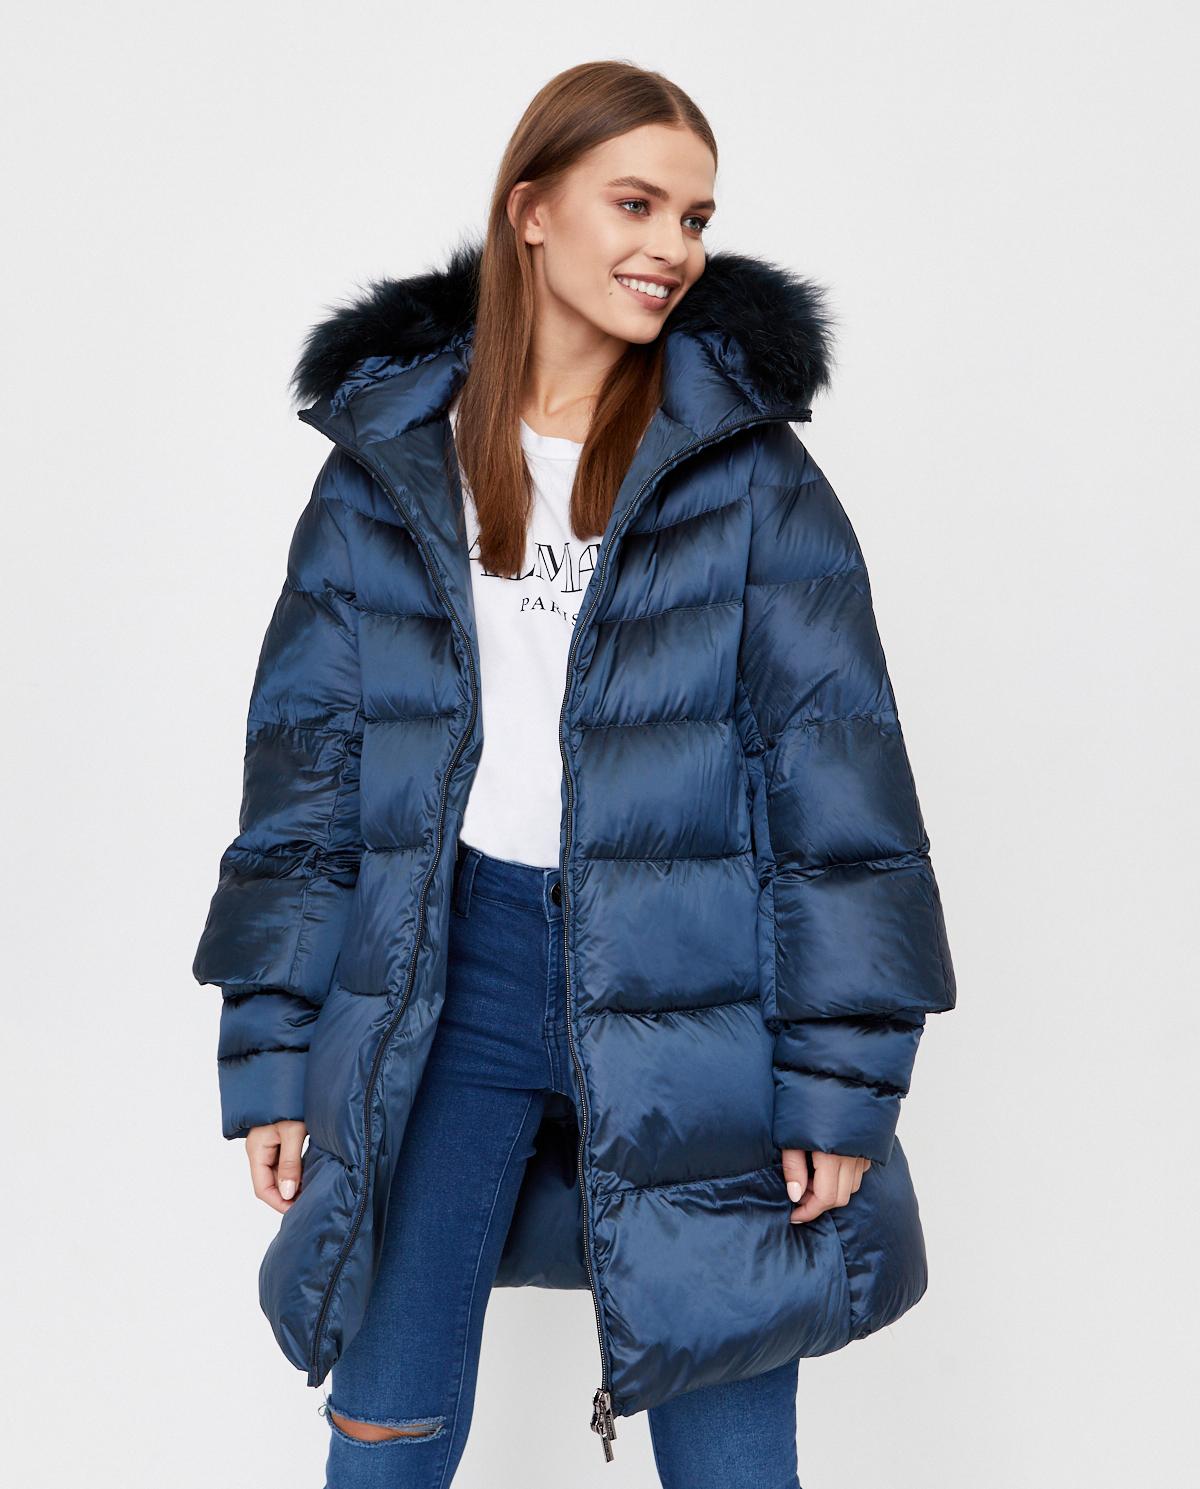 Niebieski płaszcz puchowy Hetrego 8I602F MDBB